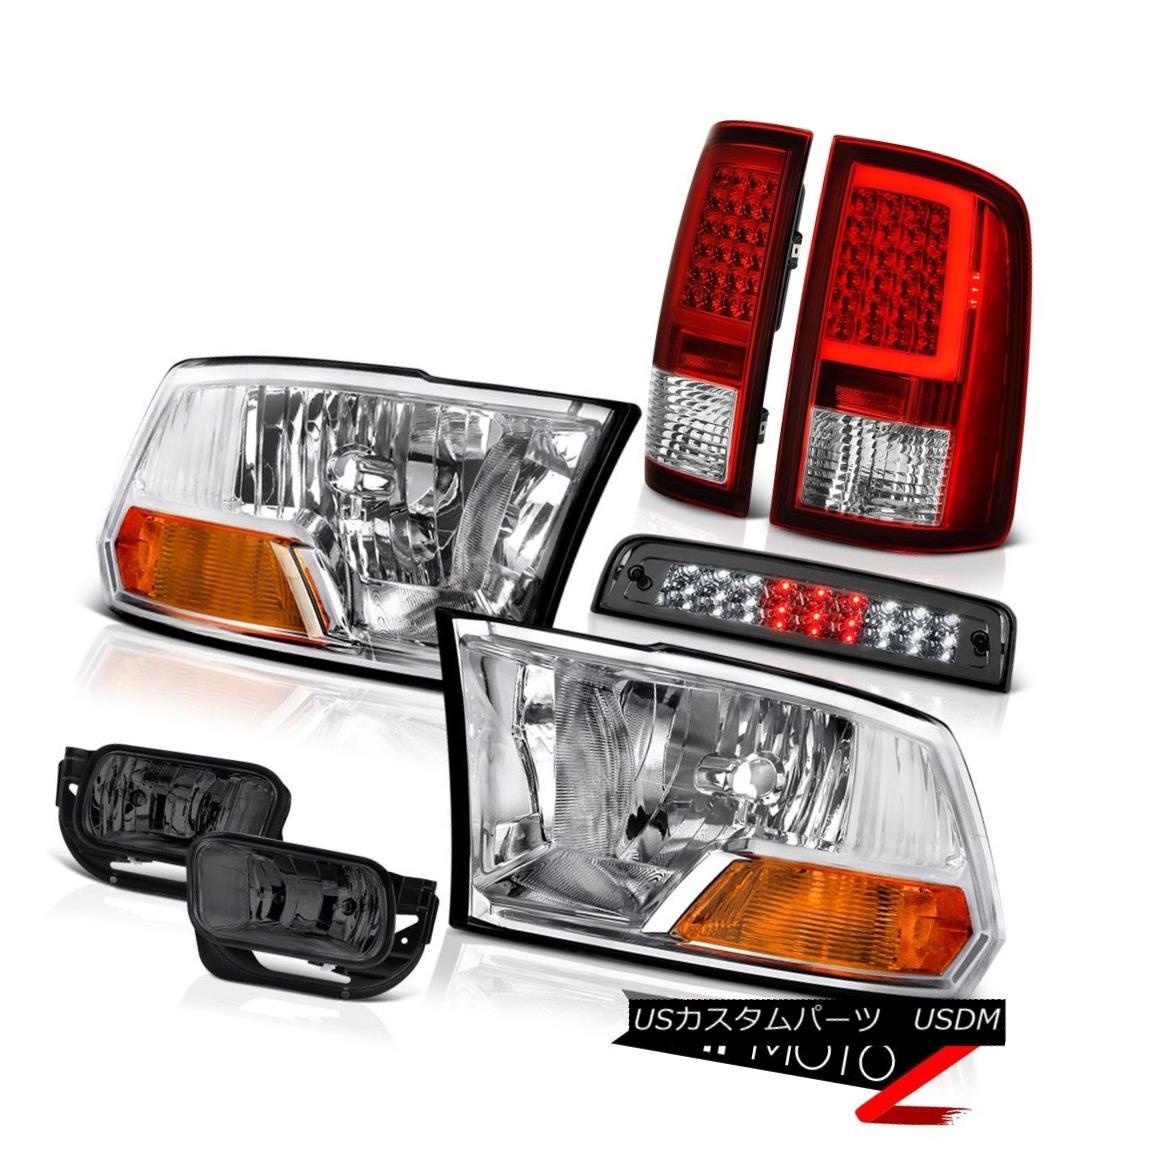 テールライト 09 10 11-13 Dodge RAM 1500 Tail Lamps Fog Brake Light Factory Style Head Lamp 09 10 11-13 Dodge RAM 1500テールランプフォグブレーキライト工場スタイルヘッドランプ